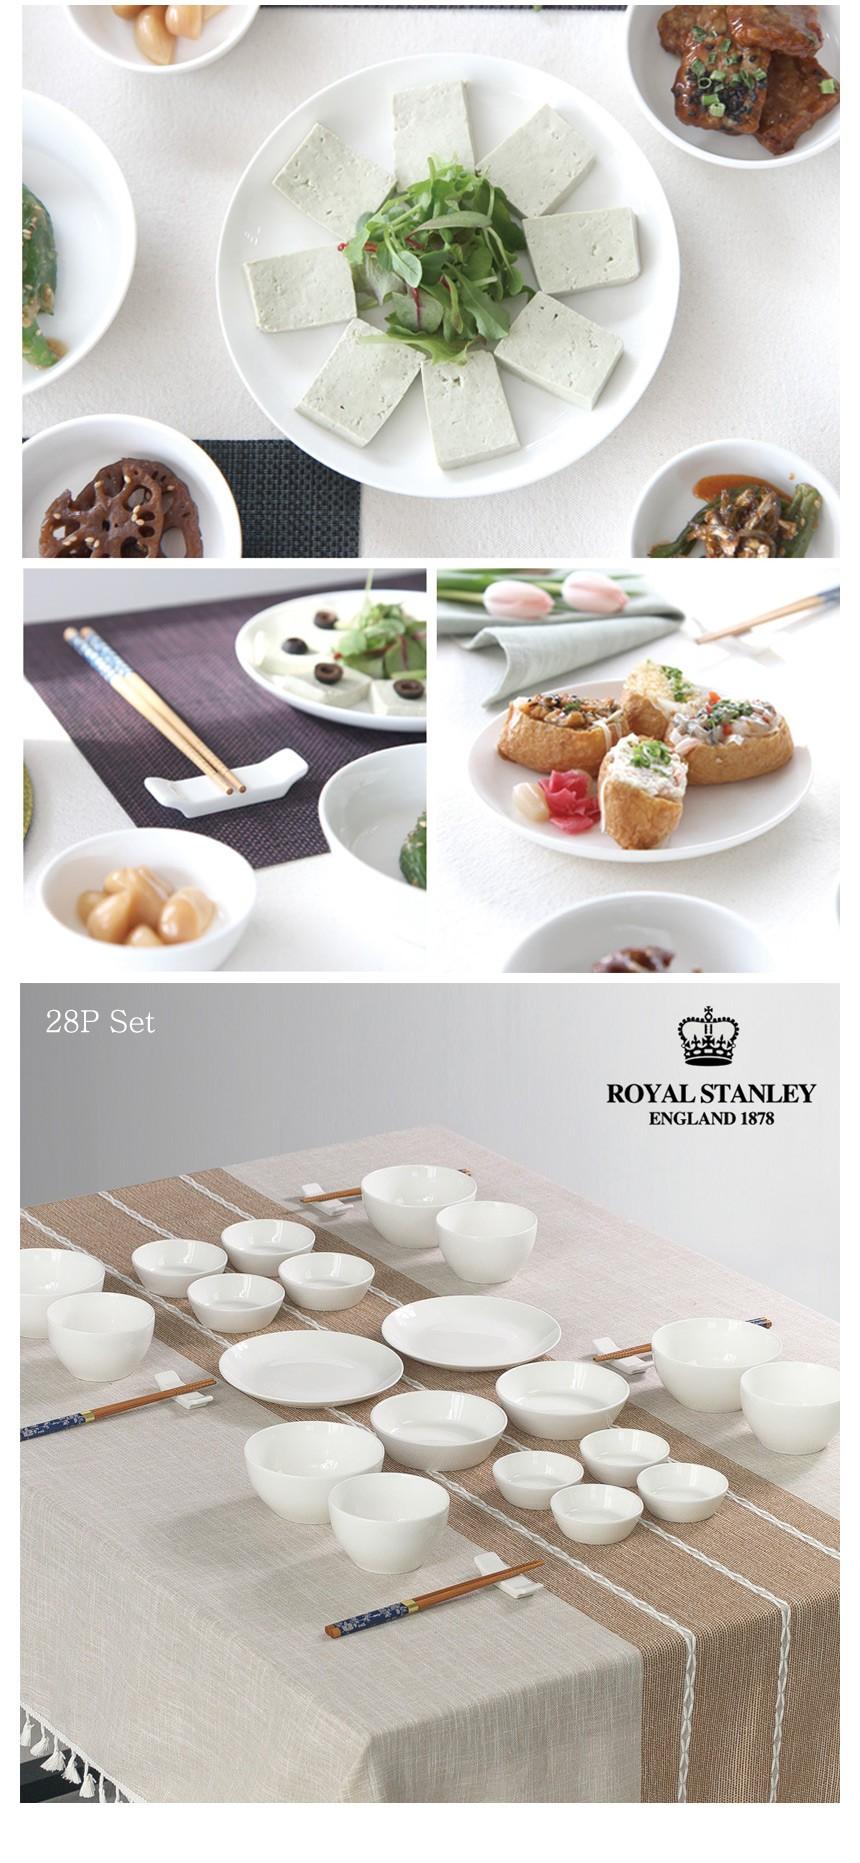 로얄 스탠리 화이트 홈세트 28P - 토토리빙, 48,500원, 식기홈세트, 4인세트